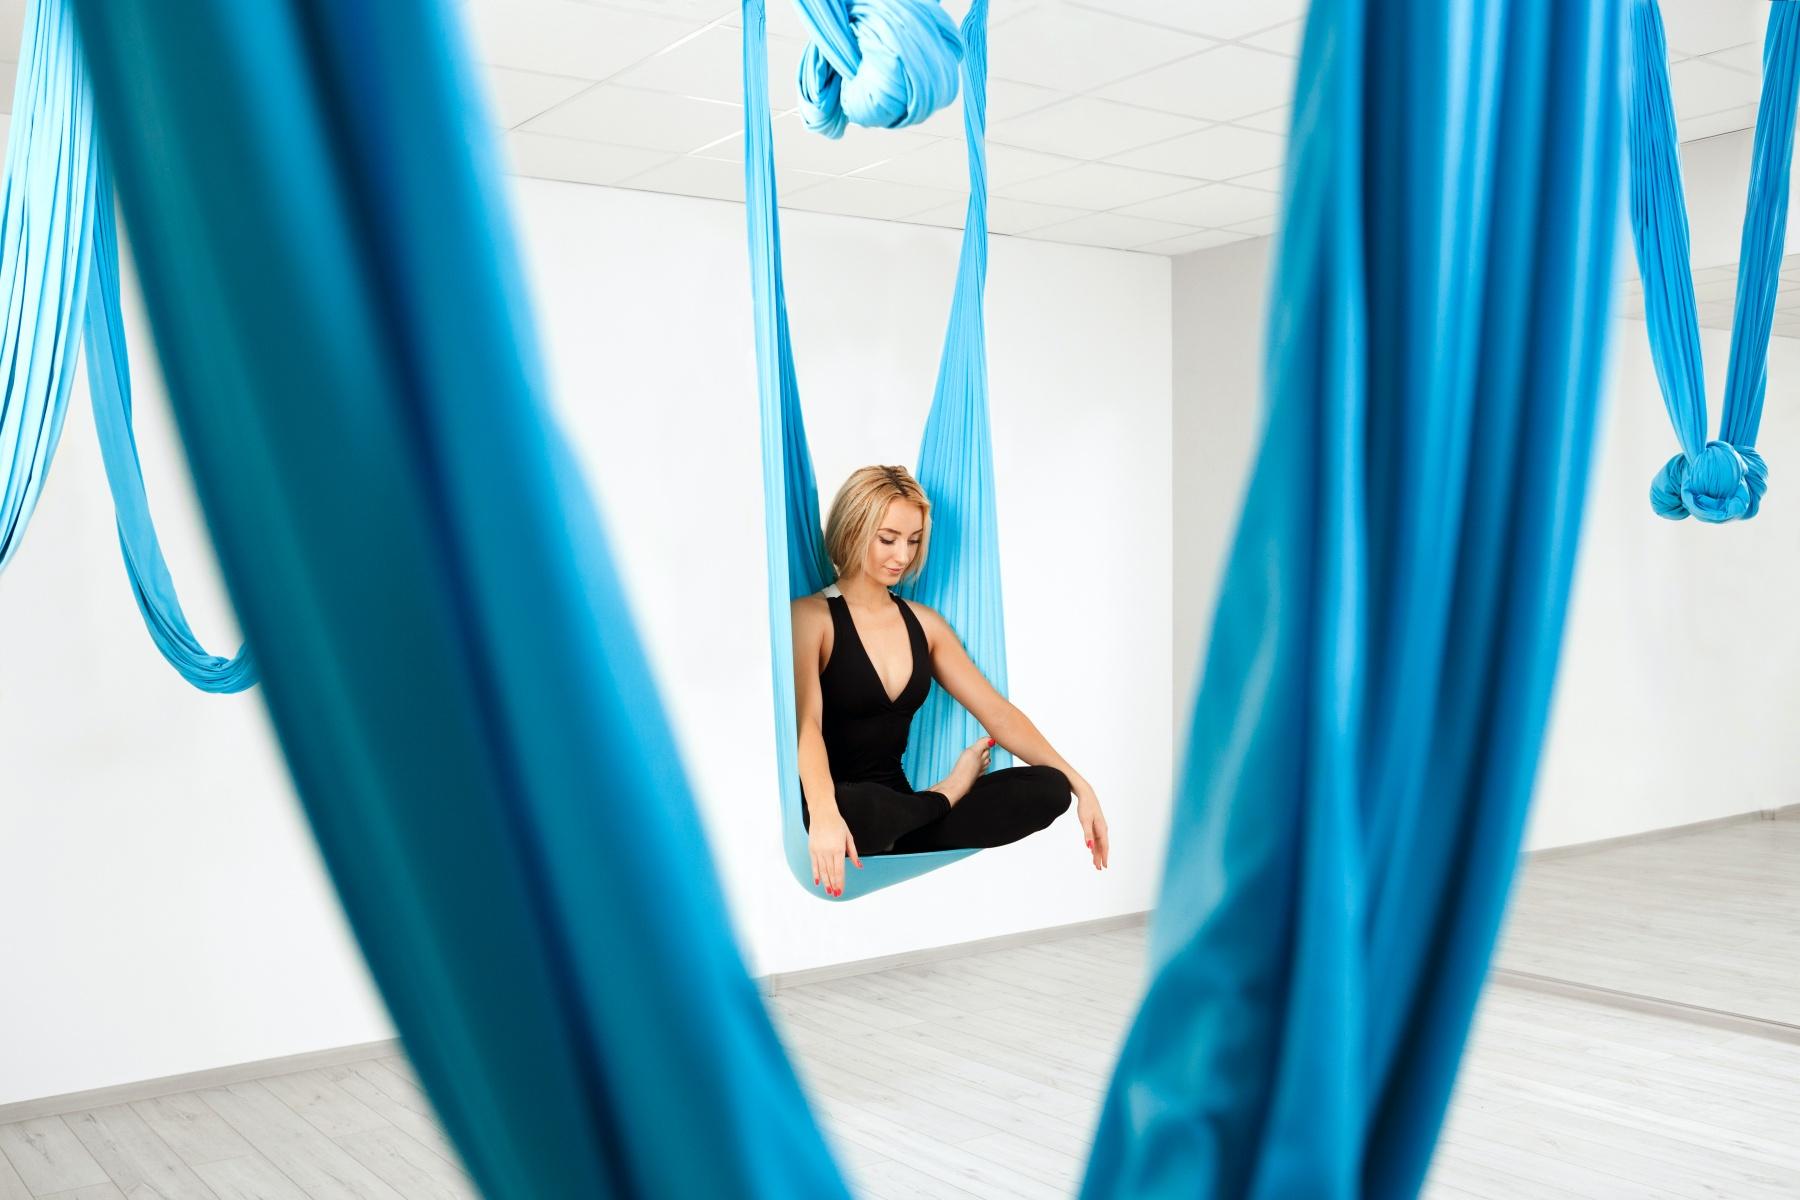 【台北空中瑜珈推薦】6家空中瑜珈台北熱門教室評比,課程中優雅體驗反重力